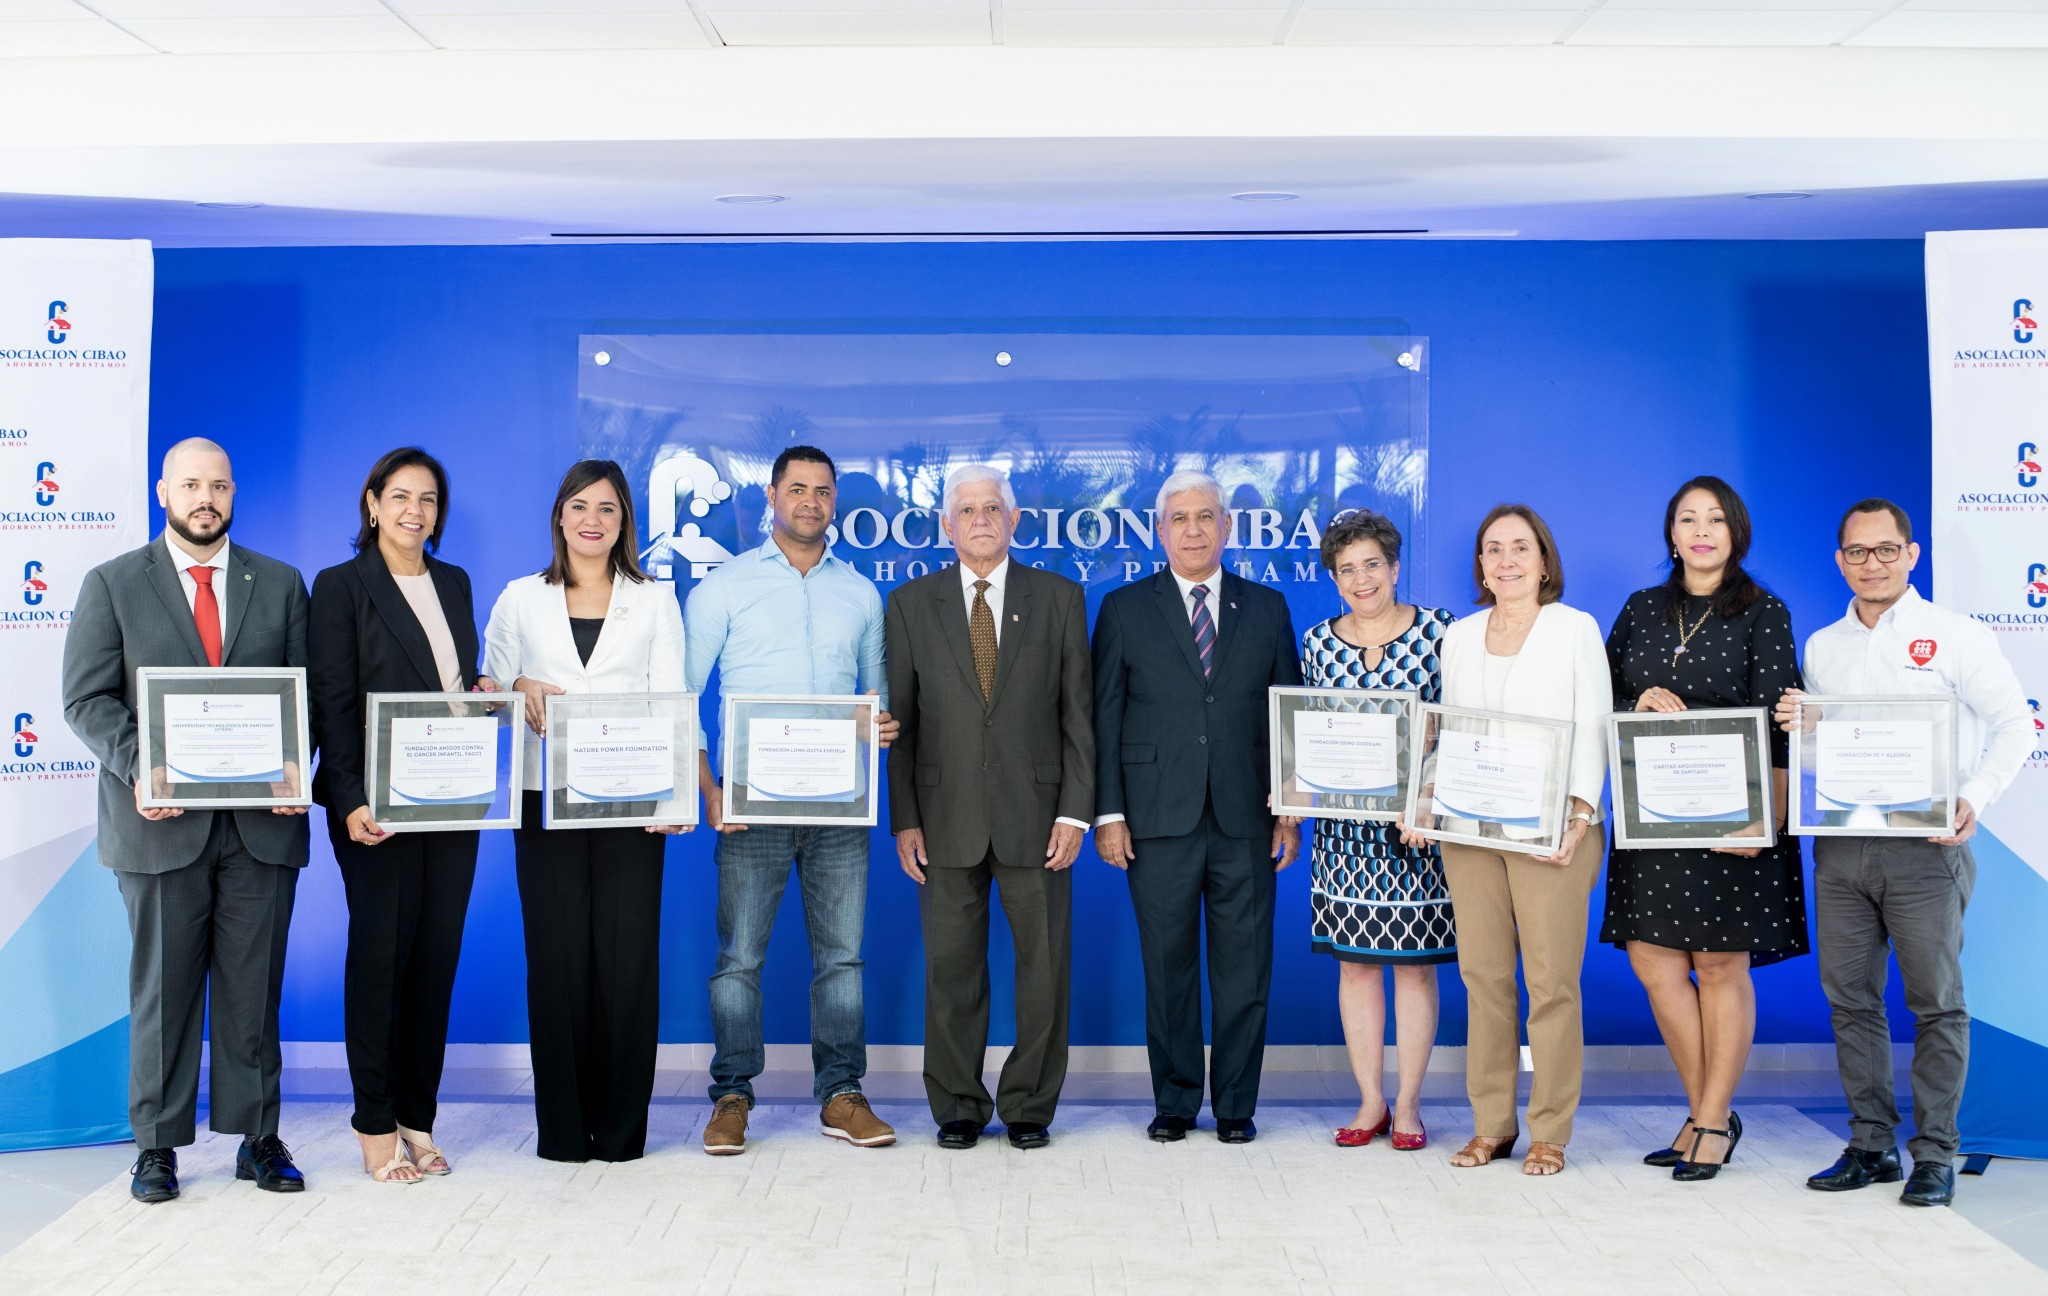 José Santiago Reinoso y Rafael Genao (centro), acompañan a representantes de la ASFL ganadoras de los Fondos Concursables ACAP para el Desarrollo Sostenible 2018-2019.